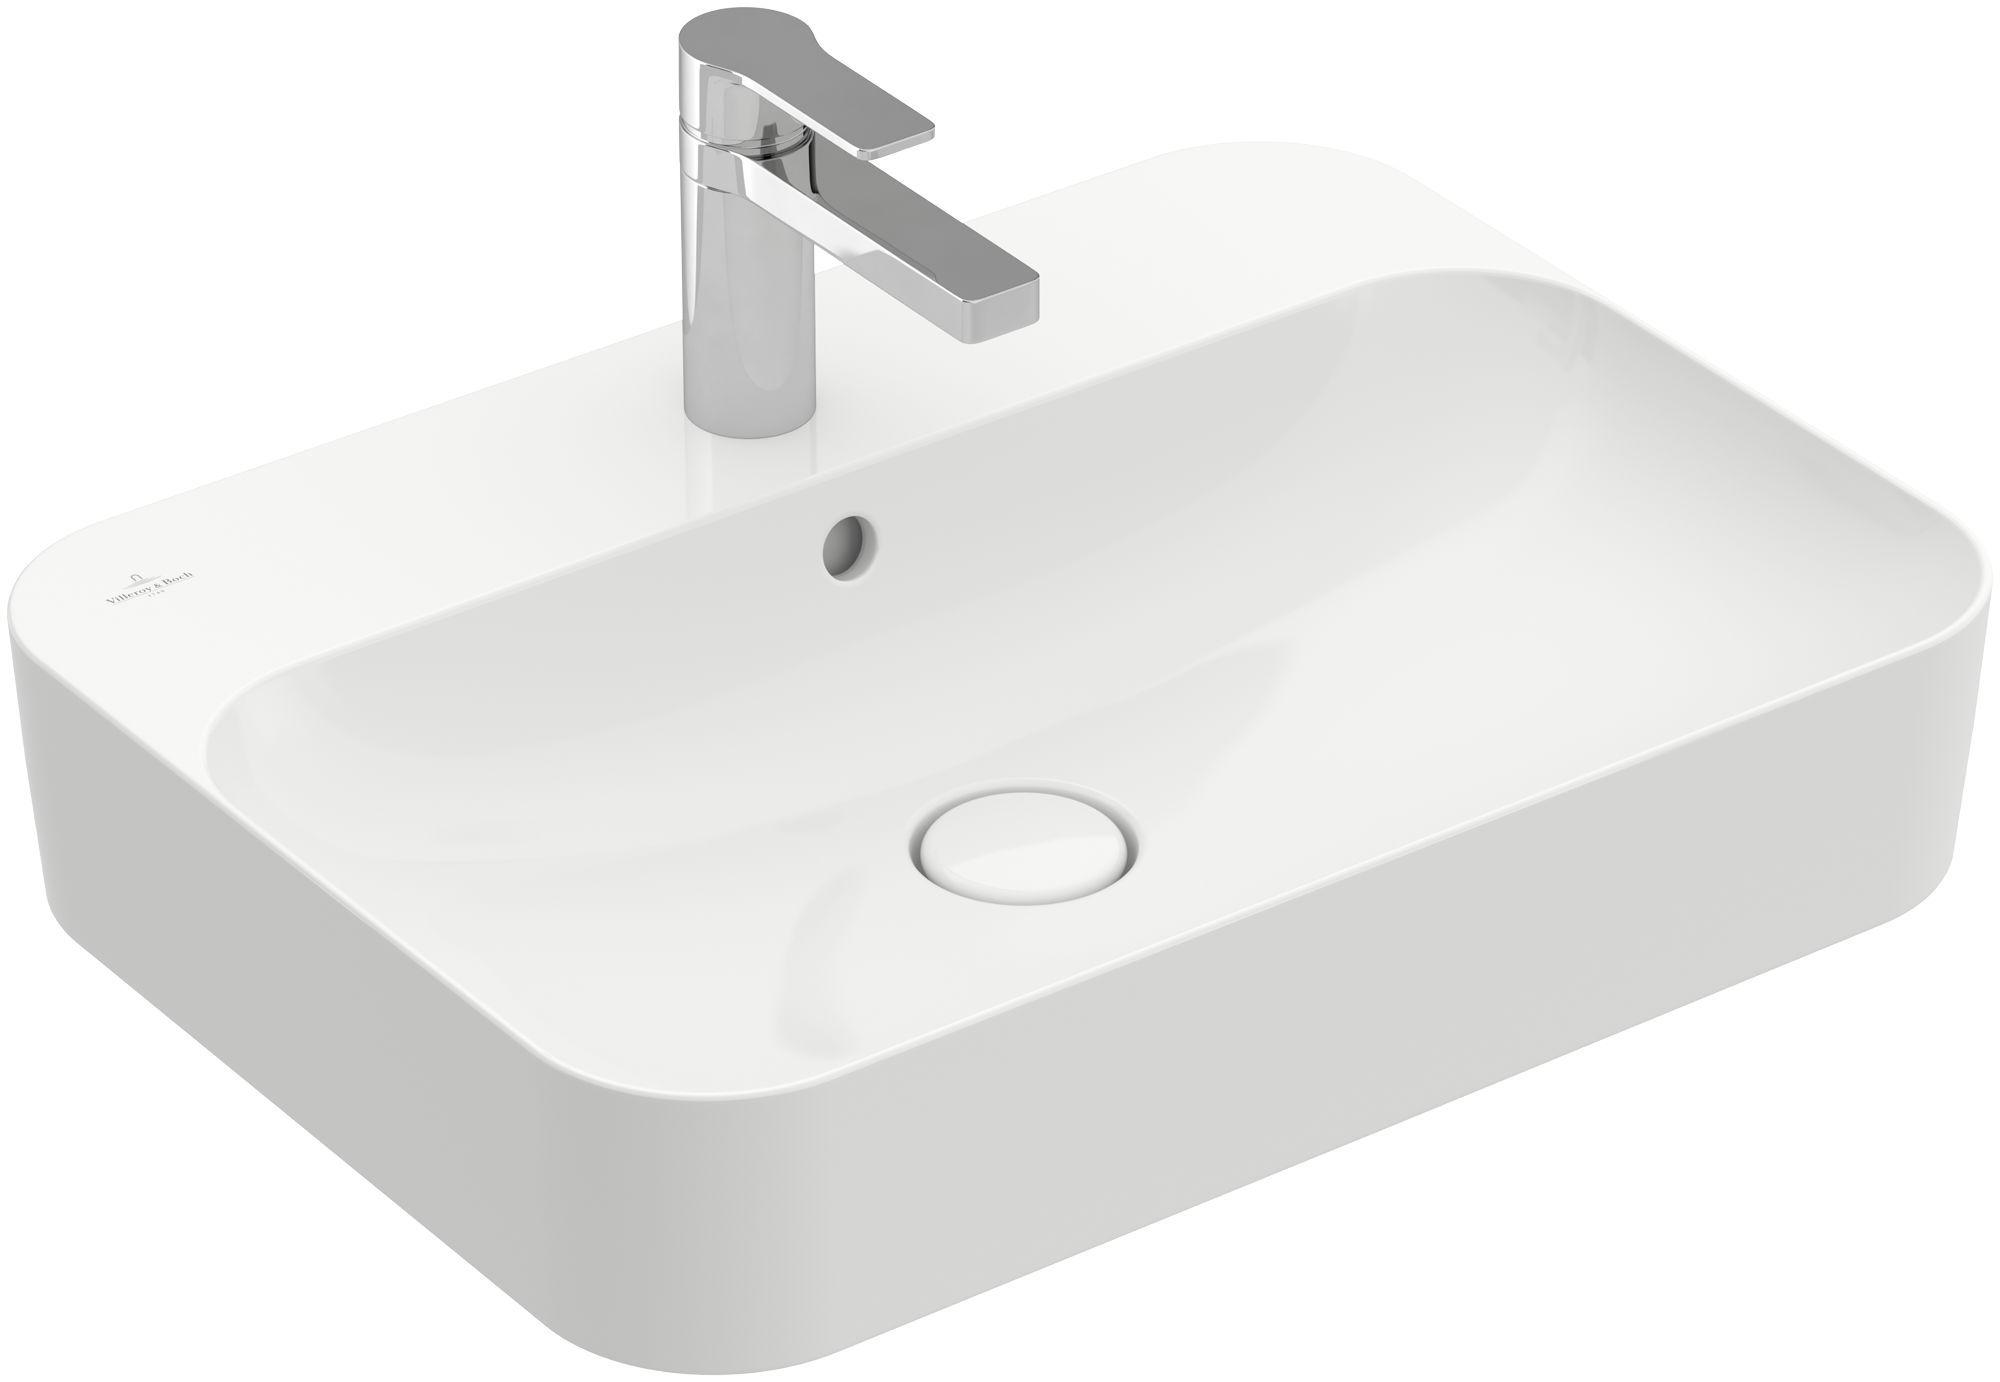 Villeroy & Boch Finion Aufsatzwaschtisch mit Überlauf 1 Hahnloch B:60xT:44,5cm mit Überlauf 1 Hahnloch weiß Ceramicplus 414260R1